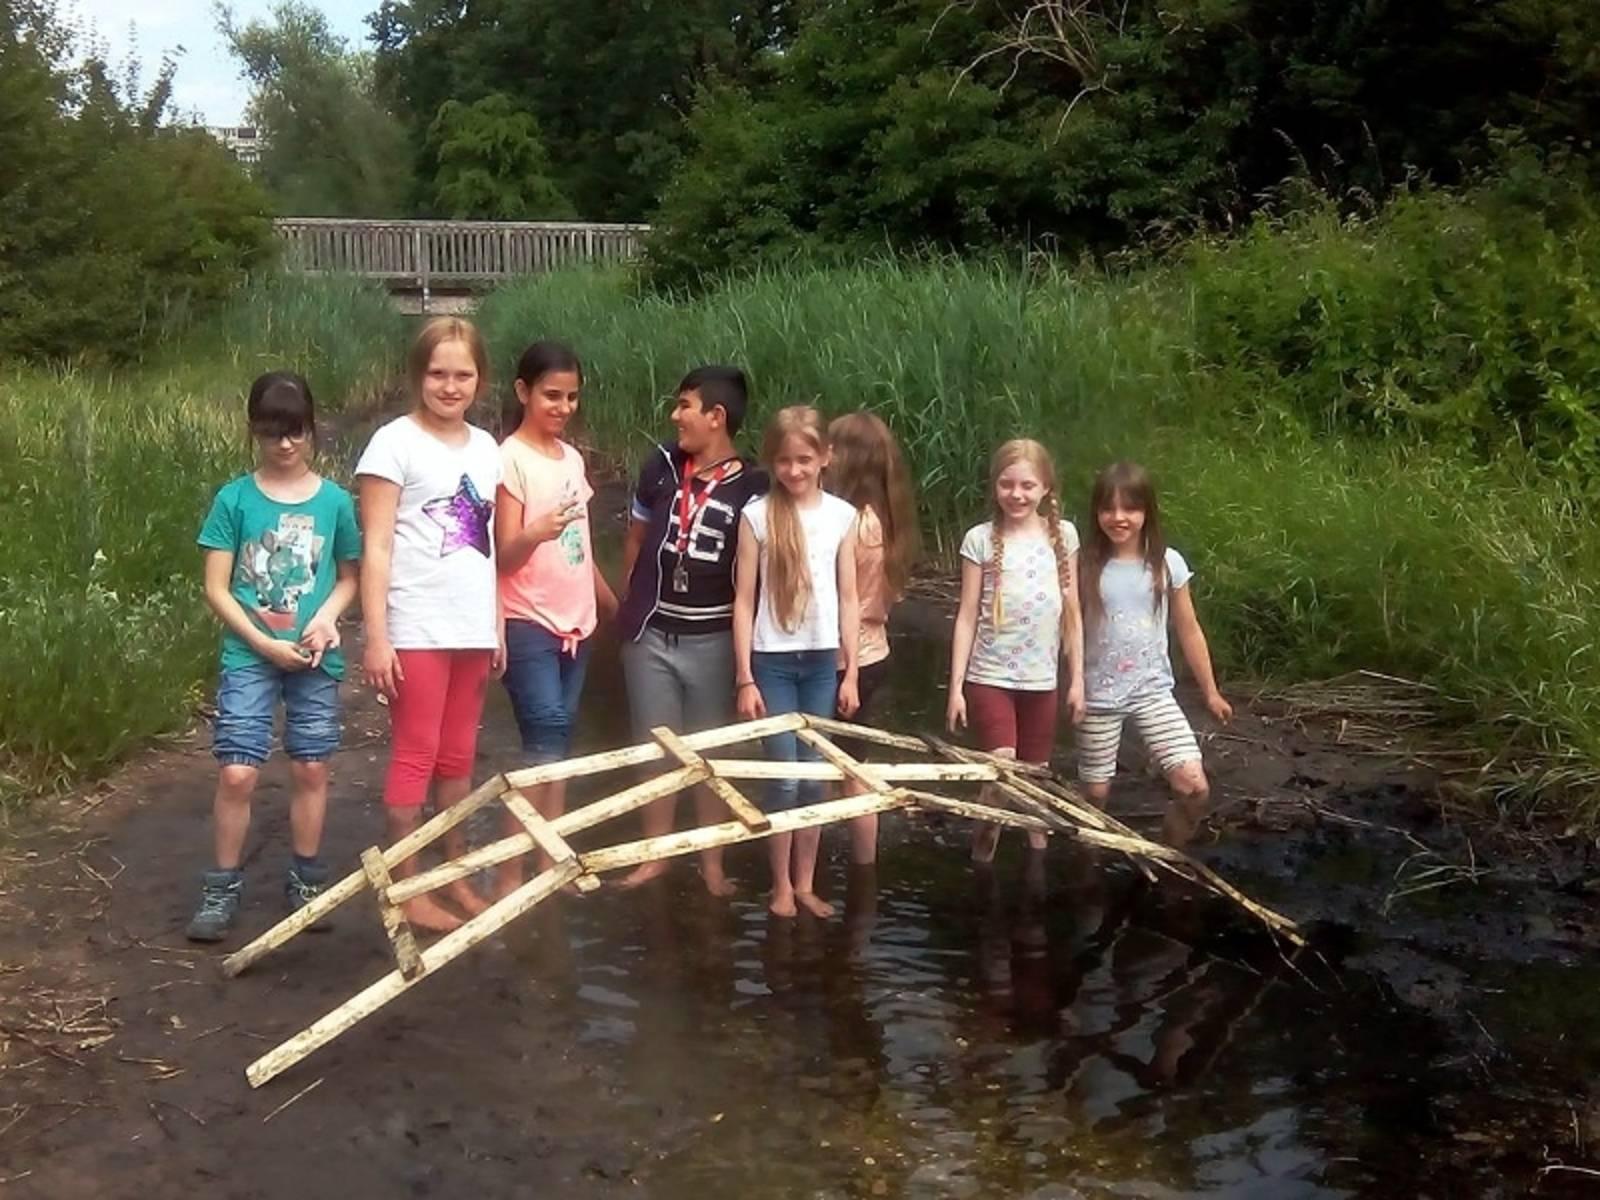 Eine Gruppe von Kindern, die in einem Bach stehen mit einer selbstgebauten Brücke.